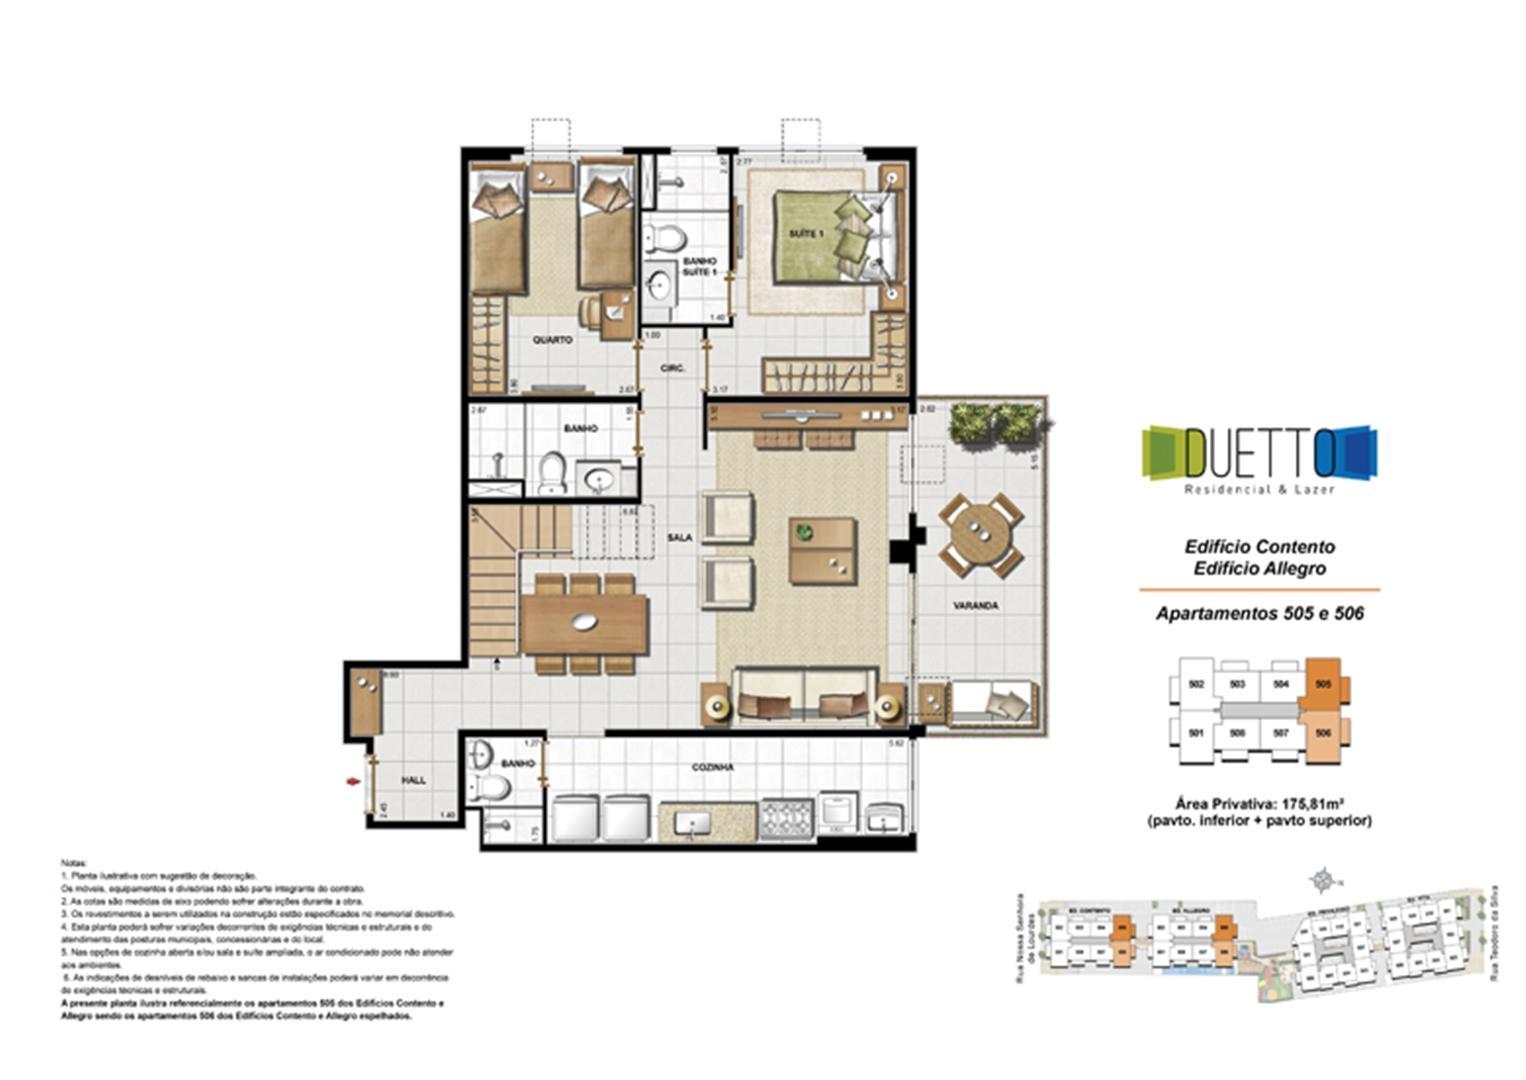 Cobertura Duplex - 3 Quartos com suíte - 175,81m² - pavto Inferior + pavto superior | Duetto Residencial & Lazer – Apartamento no  Grajaú - Rio de Janeiro - Rio de Janeiro